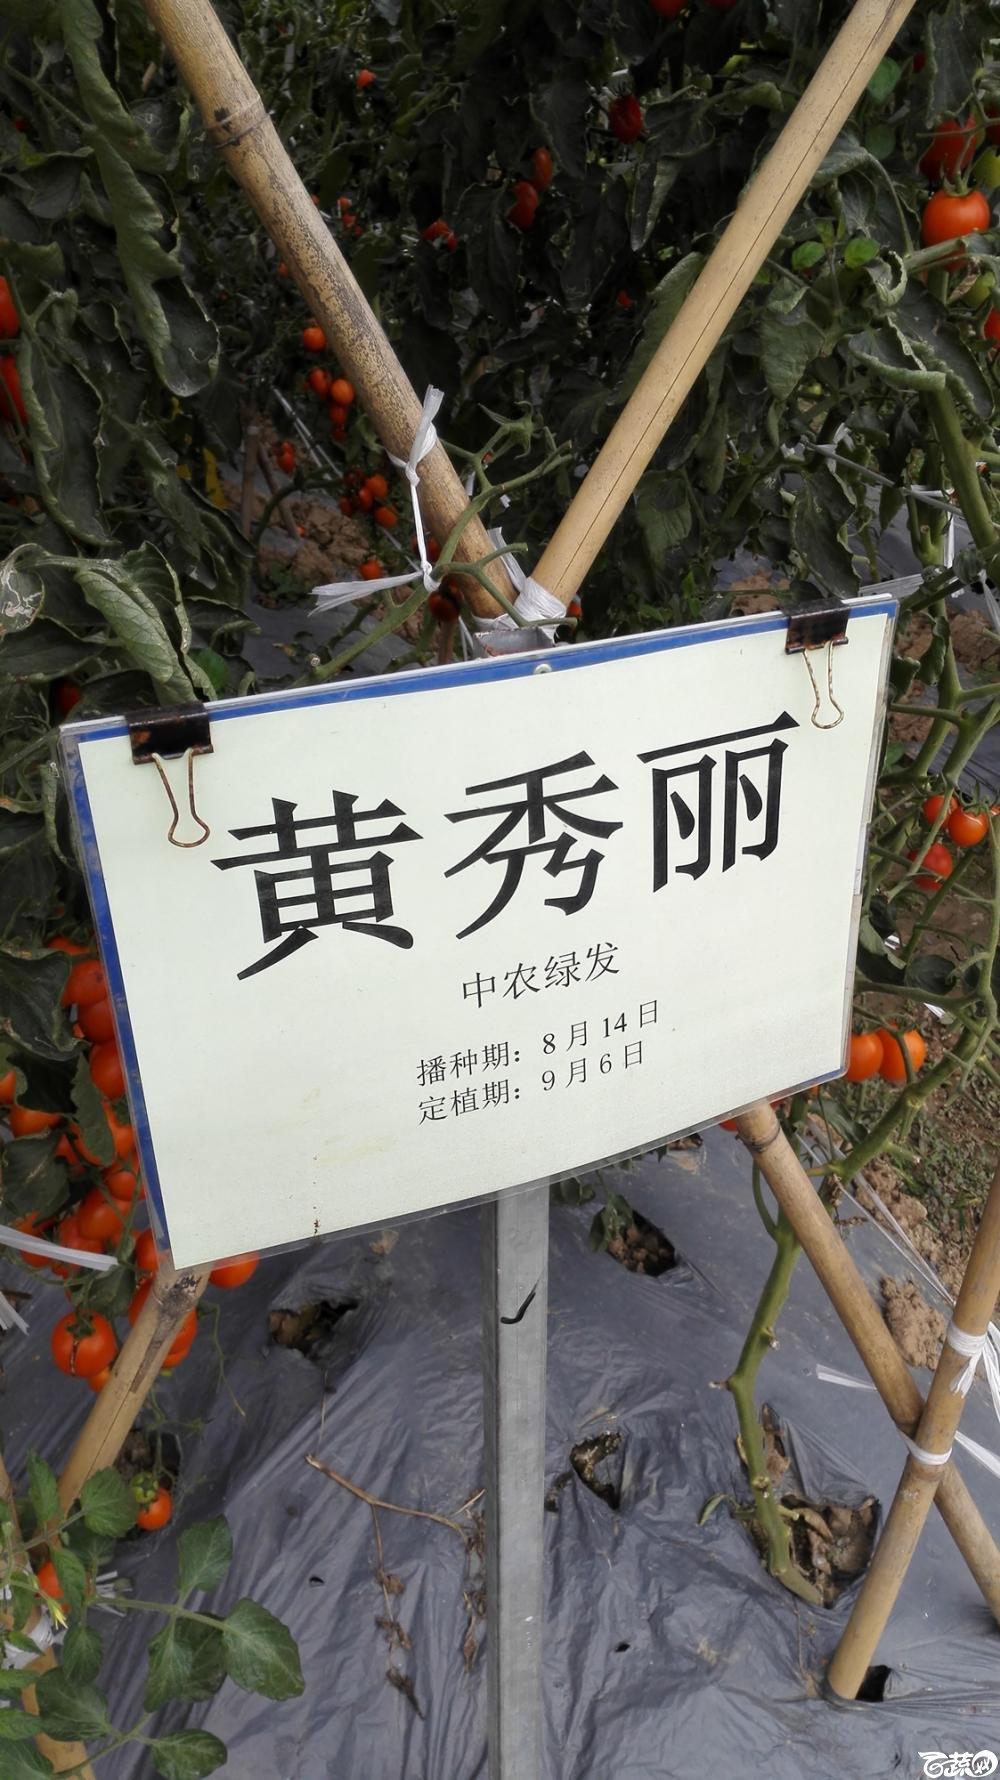 2014年12月8号中山蔬菜新品种展示会_番茄_068.jpg